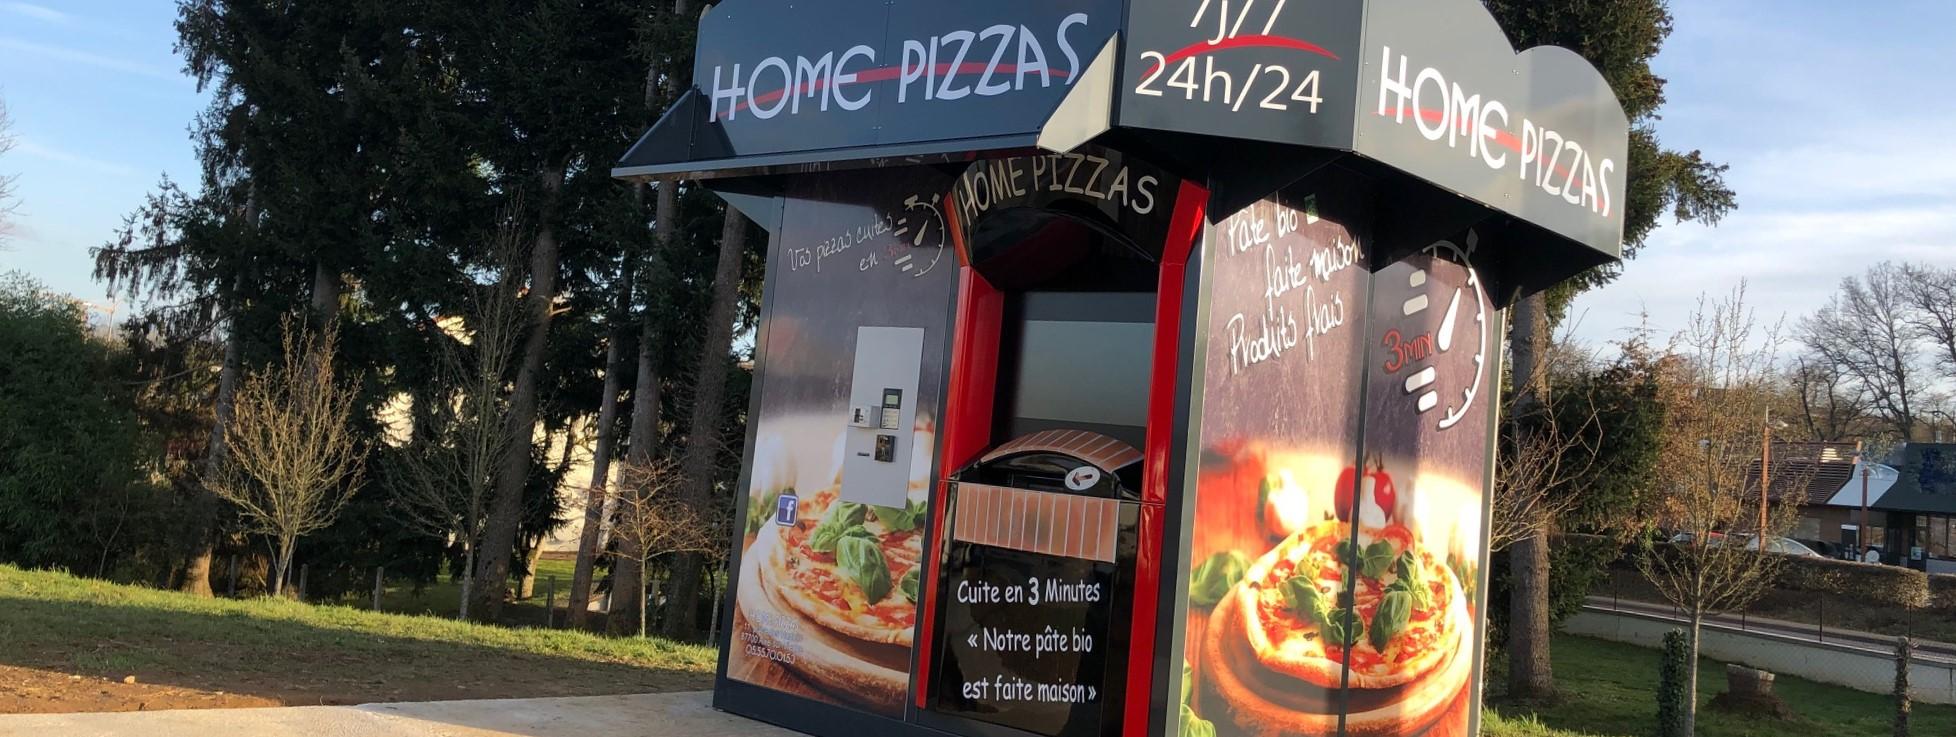 distributeur automatique de pizza DIEZ Christophe haute vienne